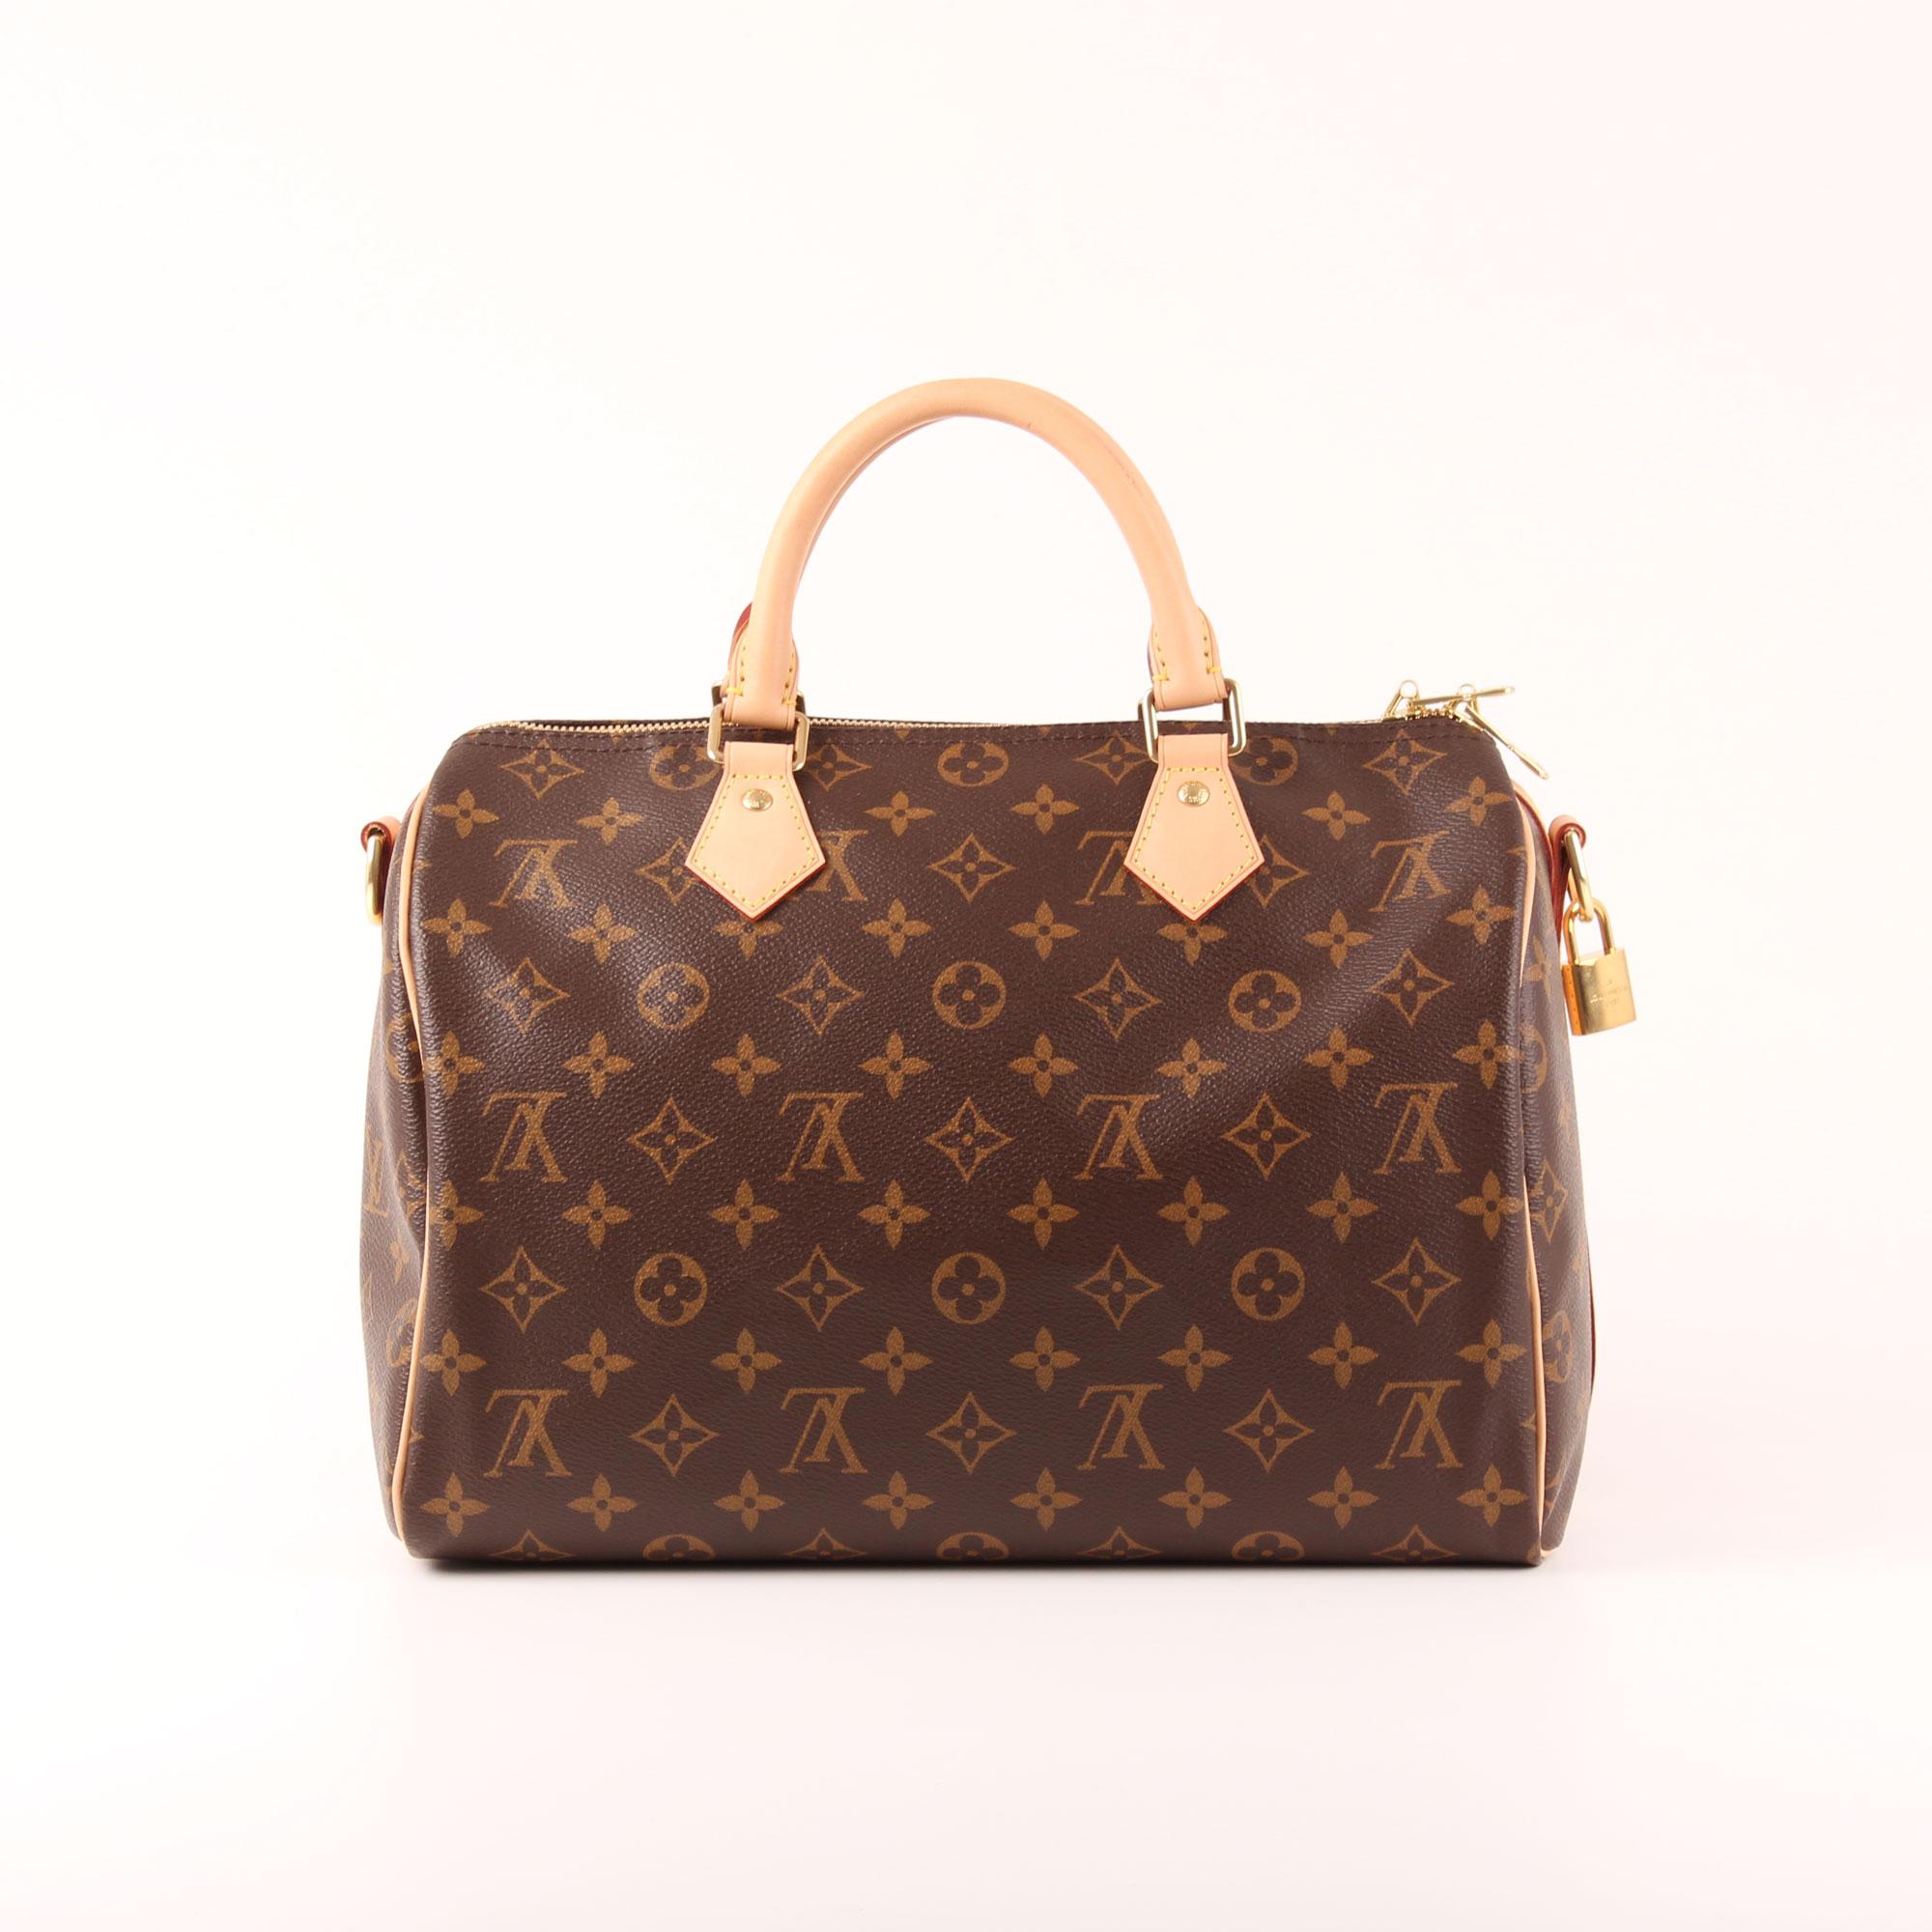 e236831f2 Bolso Bandolera Louis Vuitton Imitacion | The Art of Mike Mignola